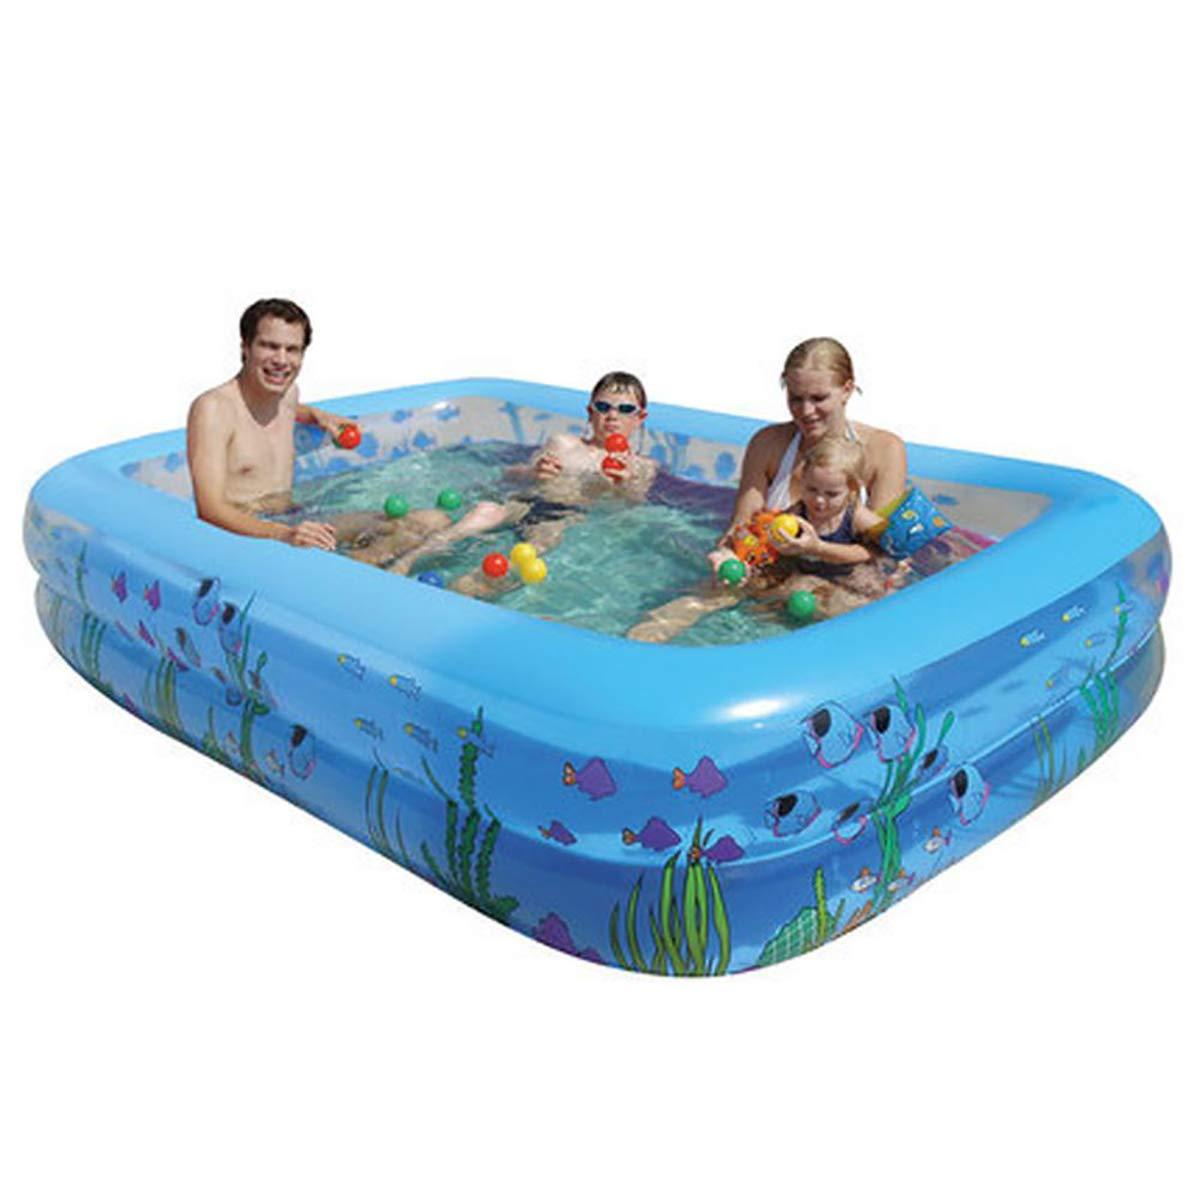 Blau WNUVB Aufblasbares Pool Planschbecken für Kinder mit Pool für Erwachsene